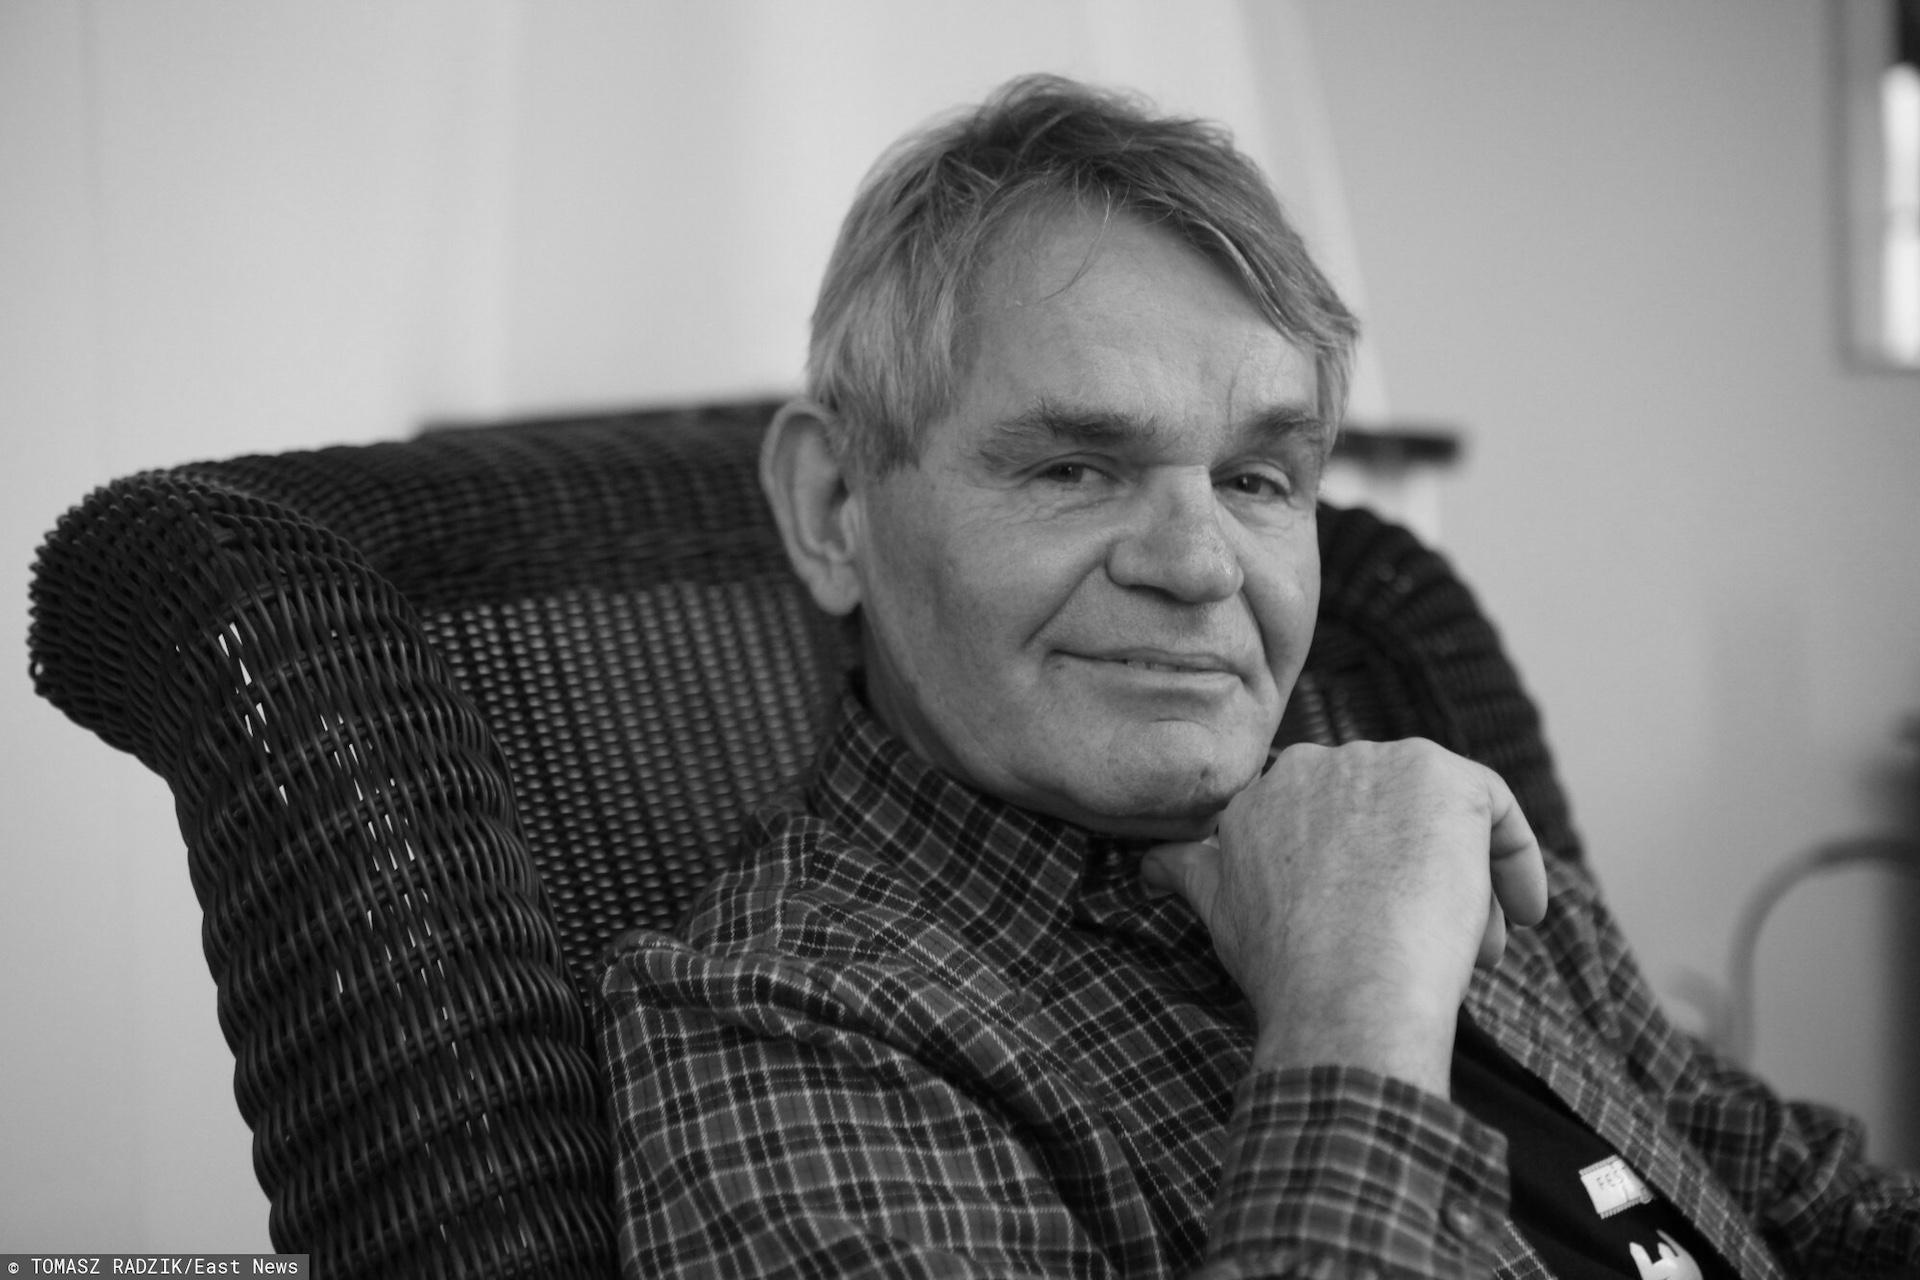 Pojawiły się nieoficjalne wiadomości na temat powodu śmierci Jerzego Janeczka